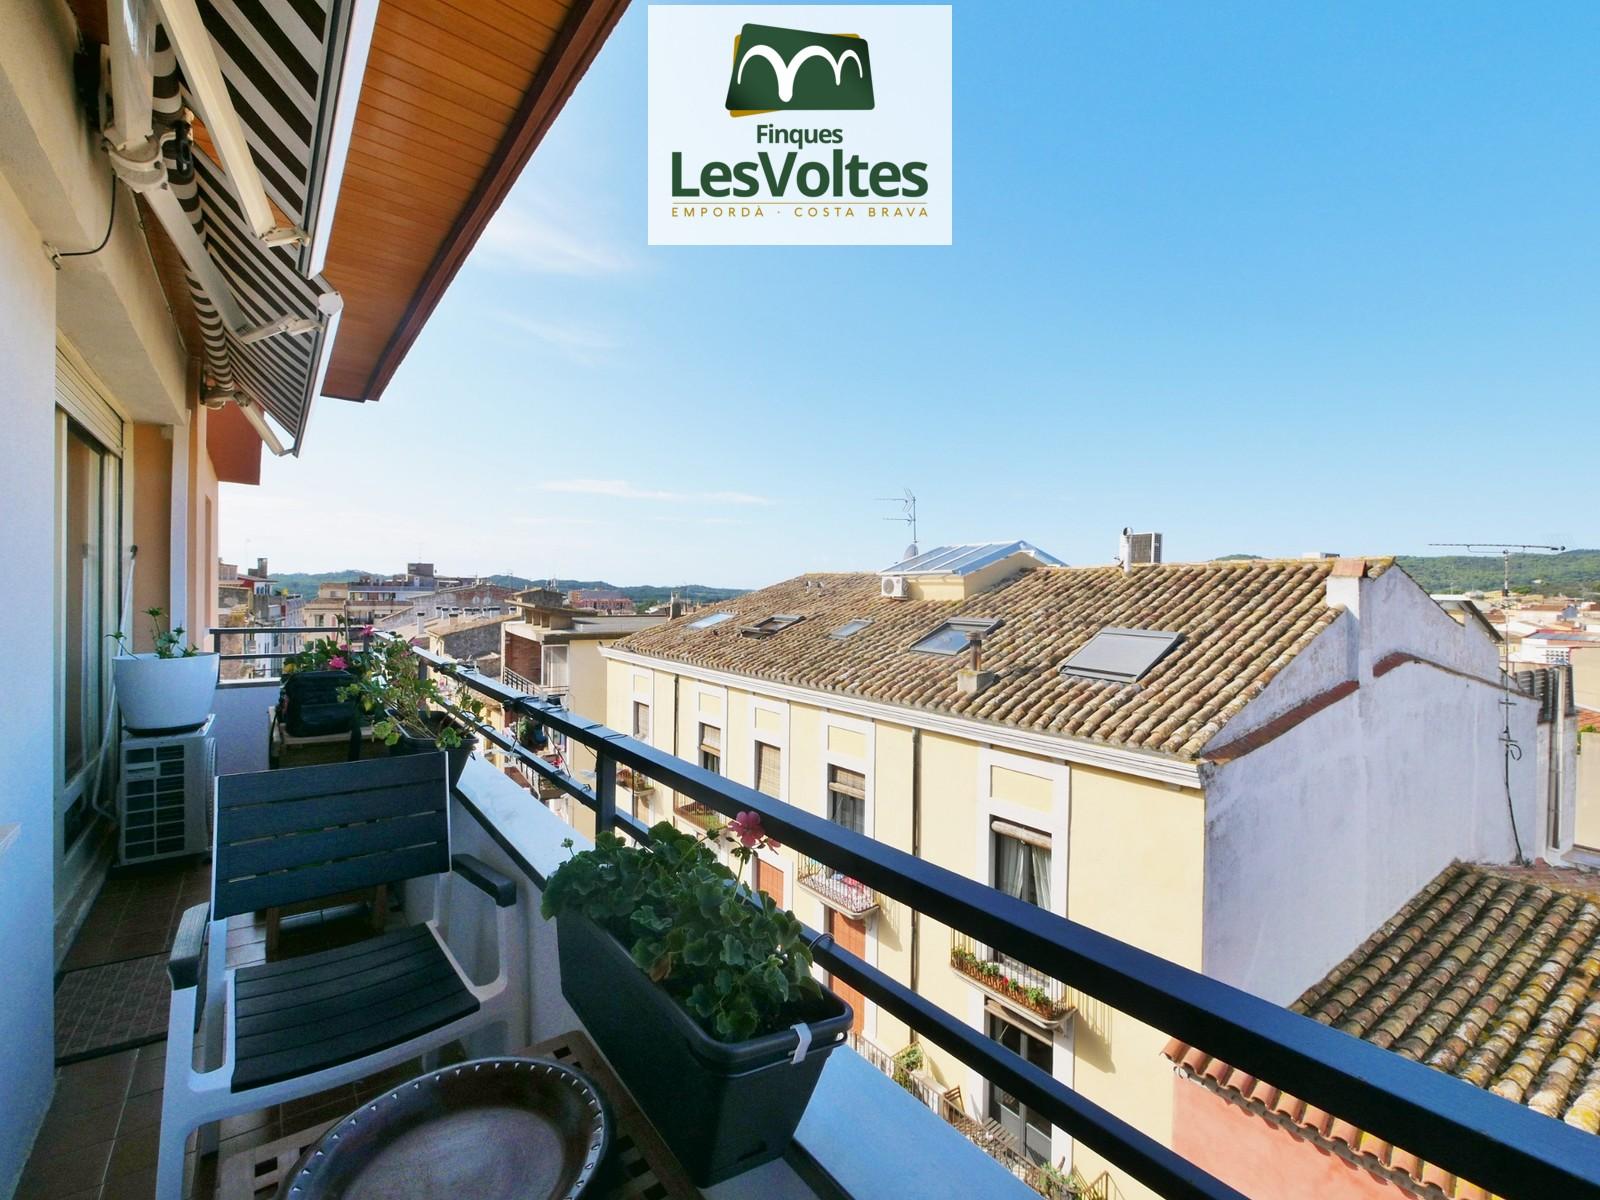 Magnífic pis amb balcó en venda a Palafrugell. Immillorable situació just al centre.